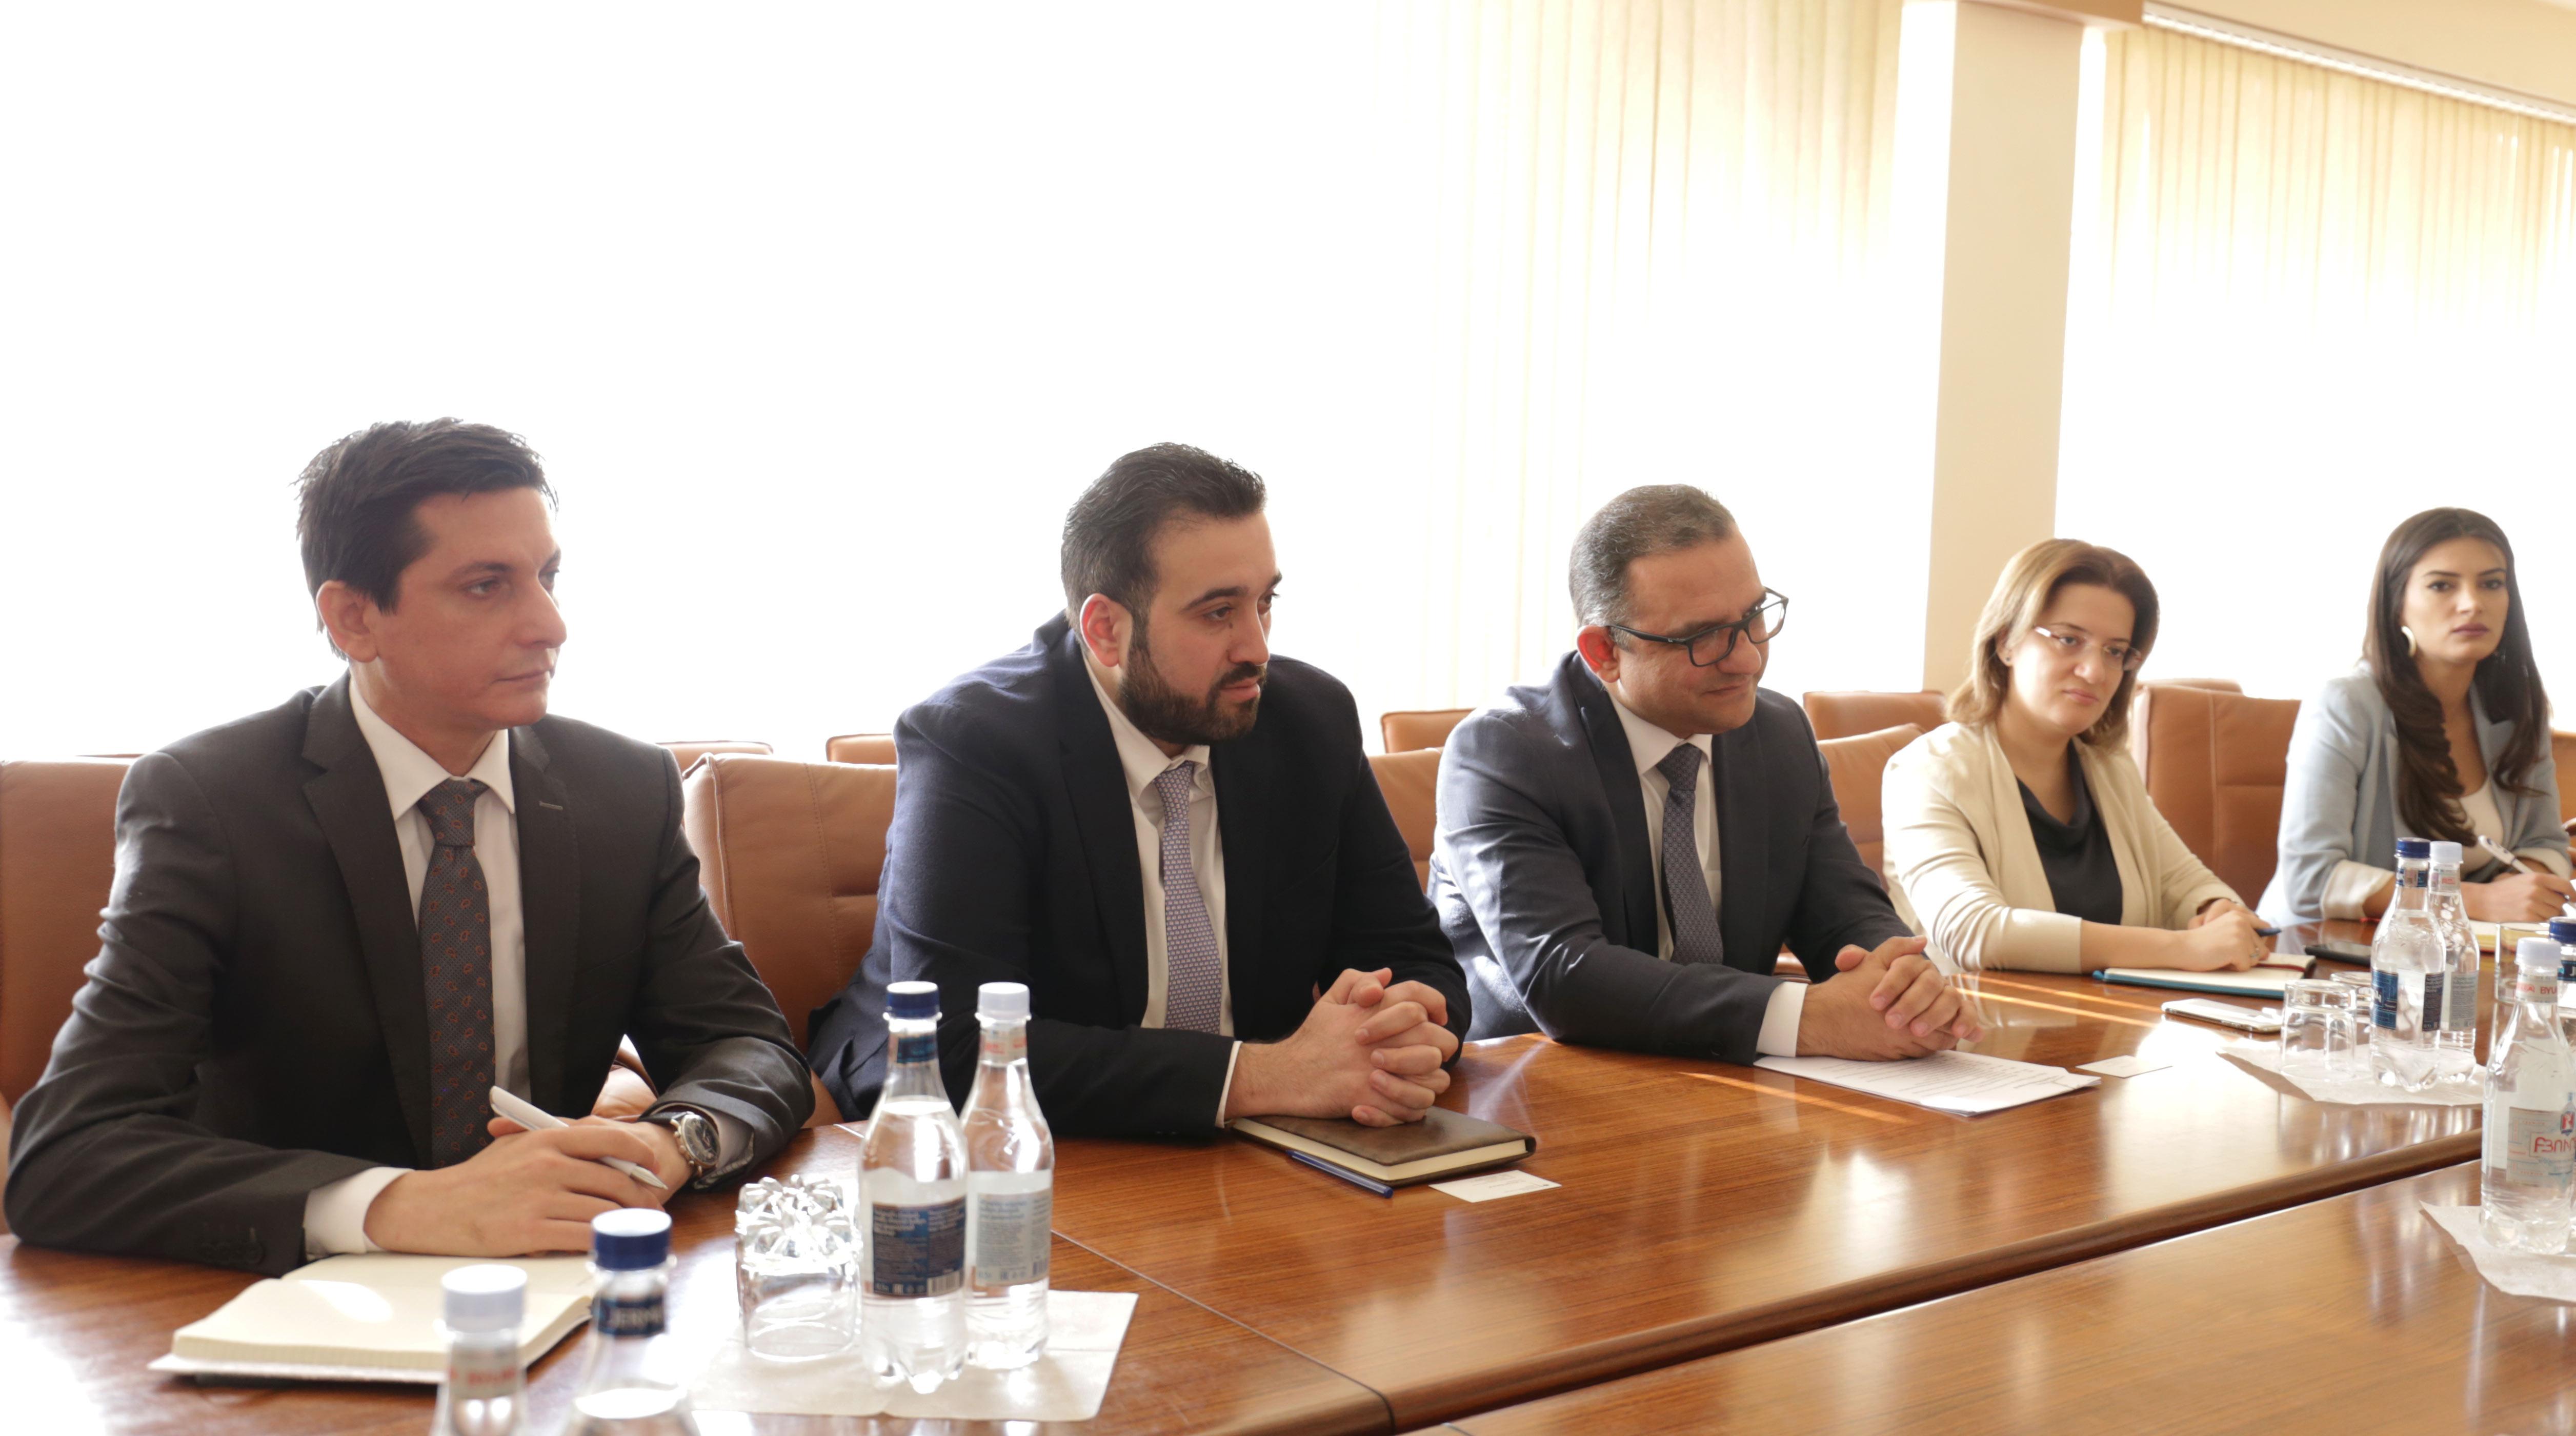 Գերմանական ընկերությունները հետաքրքրված են Հայաստանով